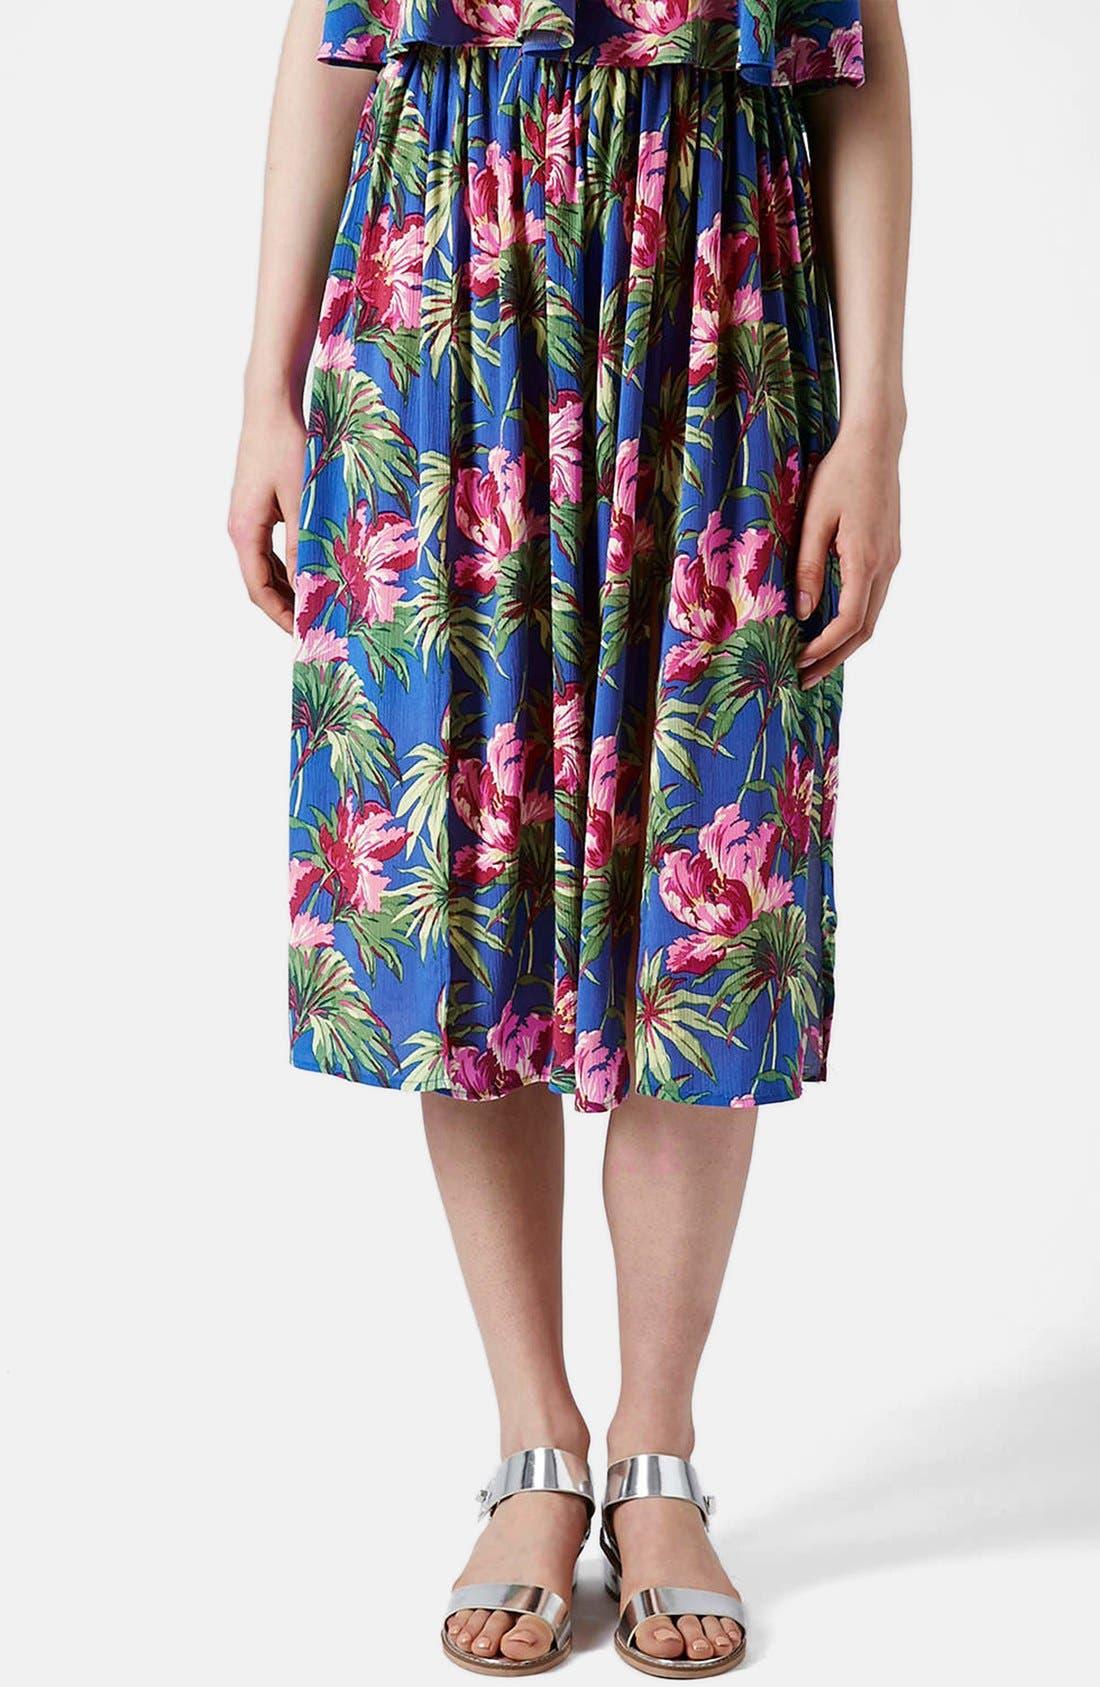 Alternate Image 1 Selected - Topshop Hibiscus Print Midi Skirt (Petite)